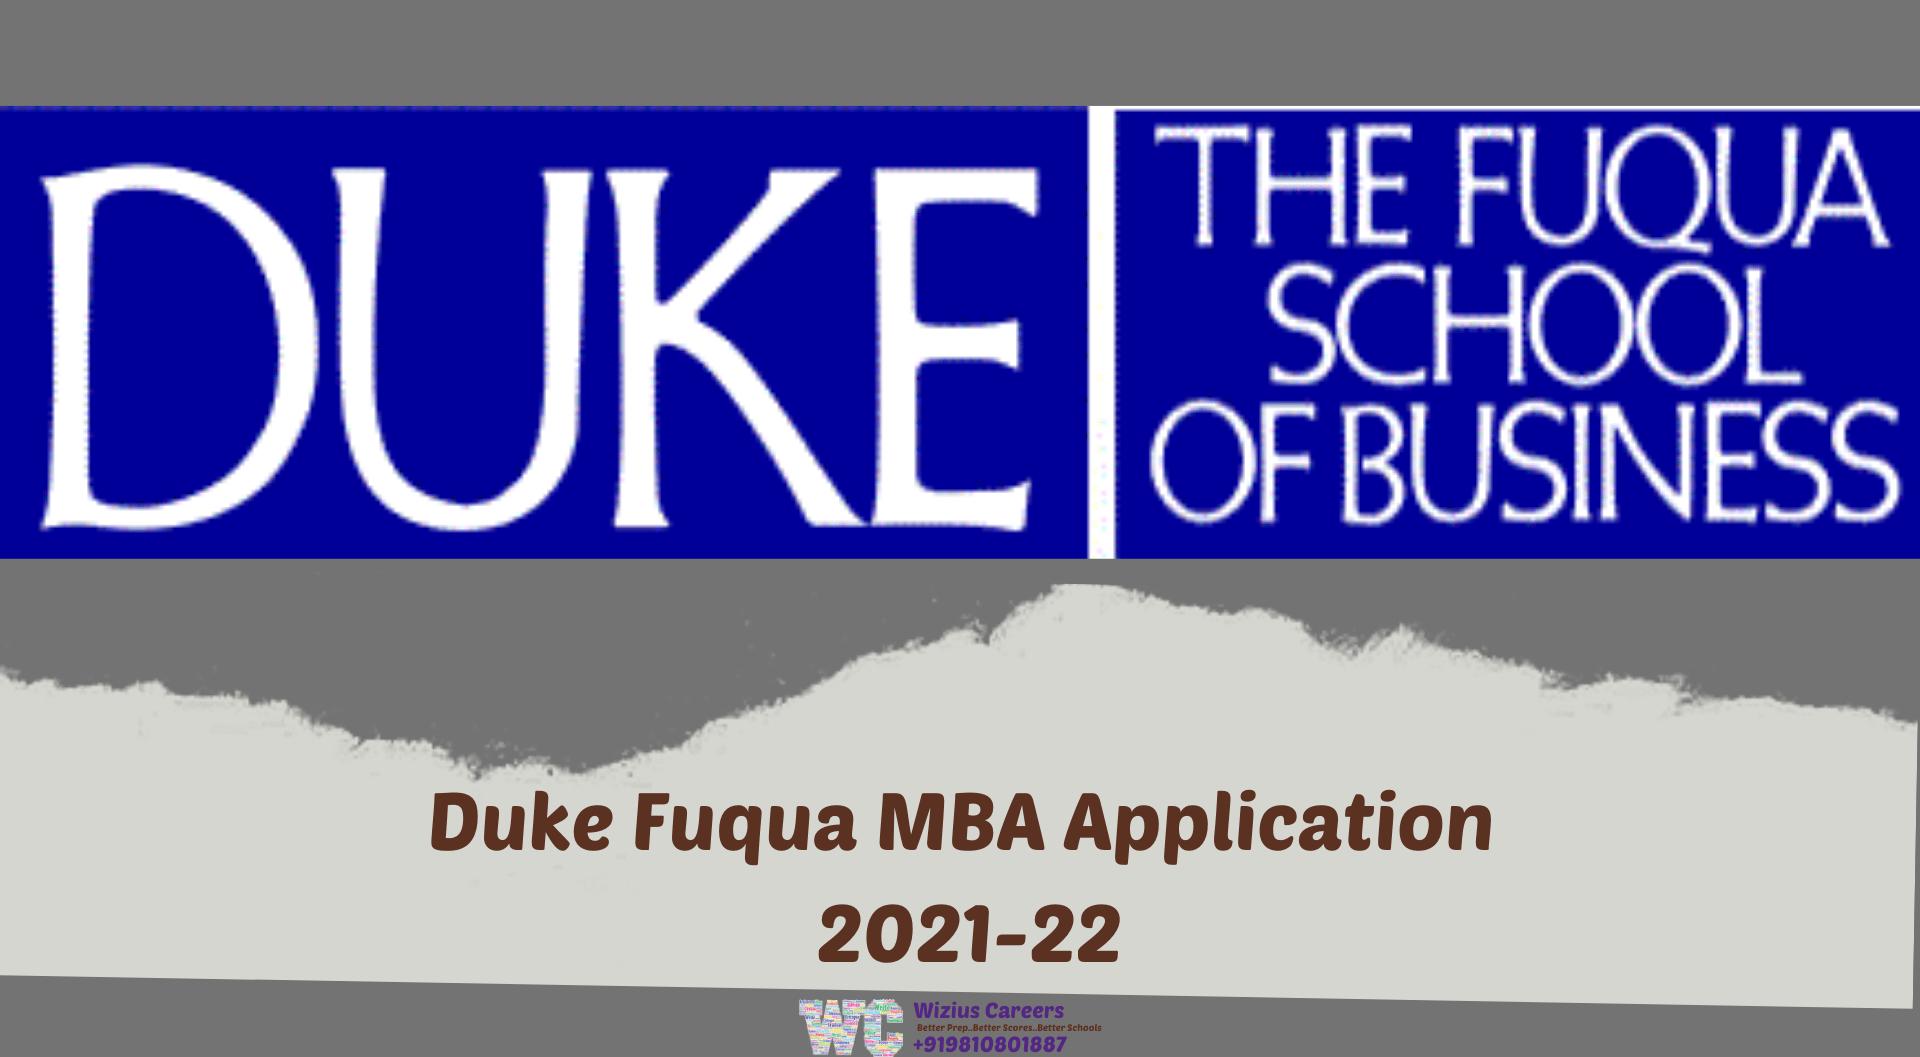 Duke Fuqua MBA Application 2021-22